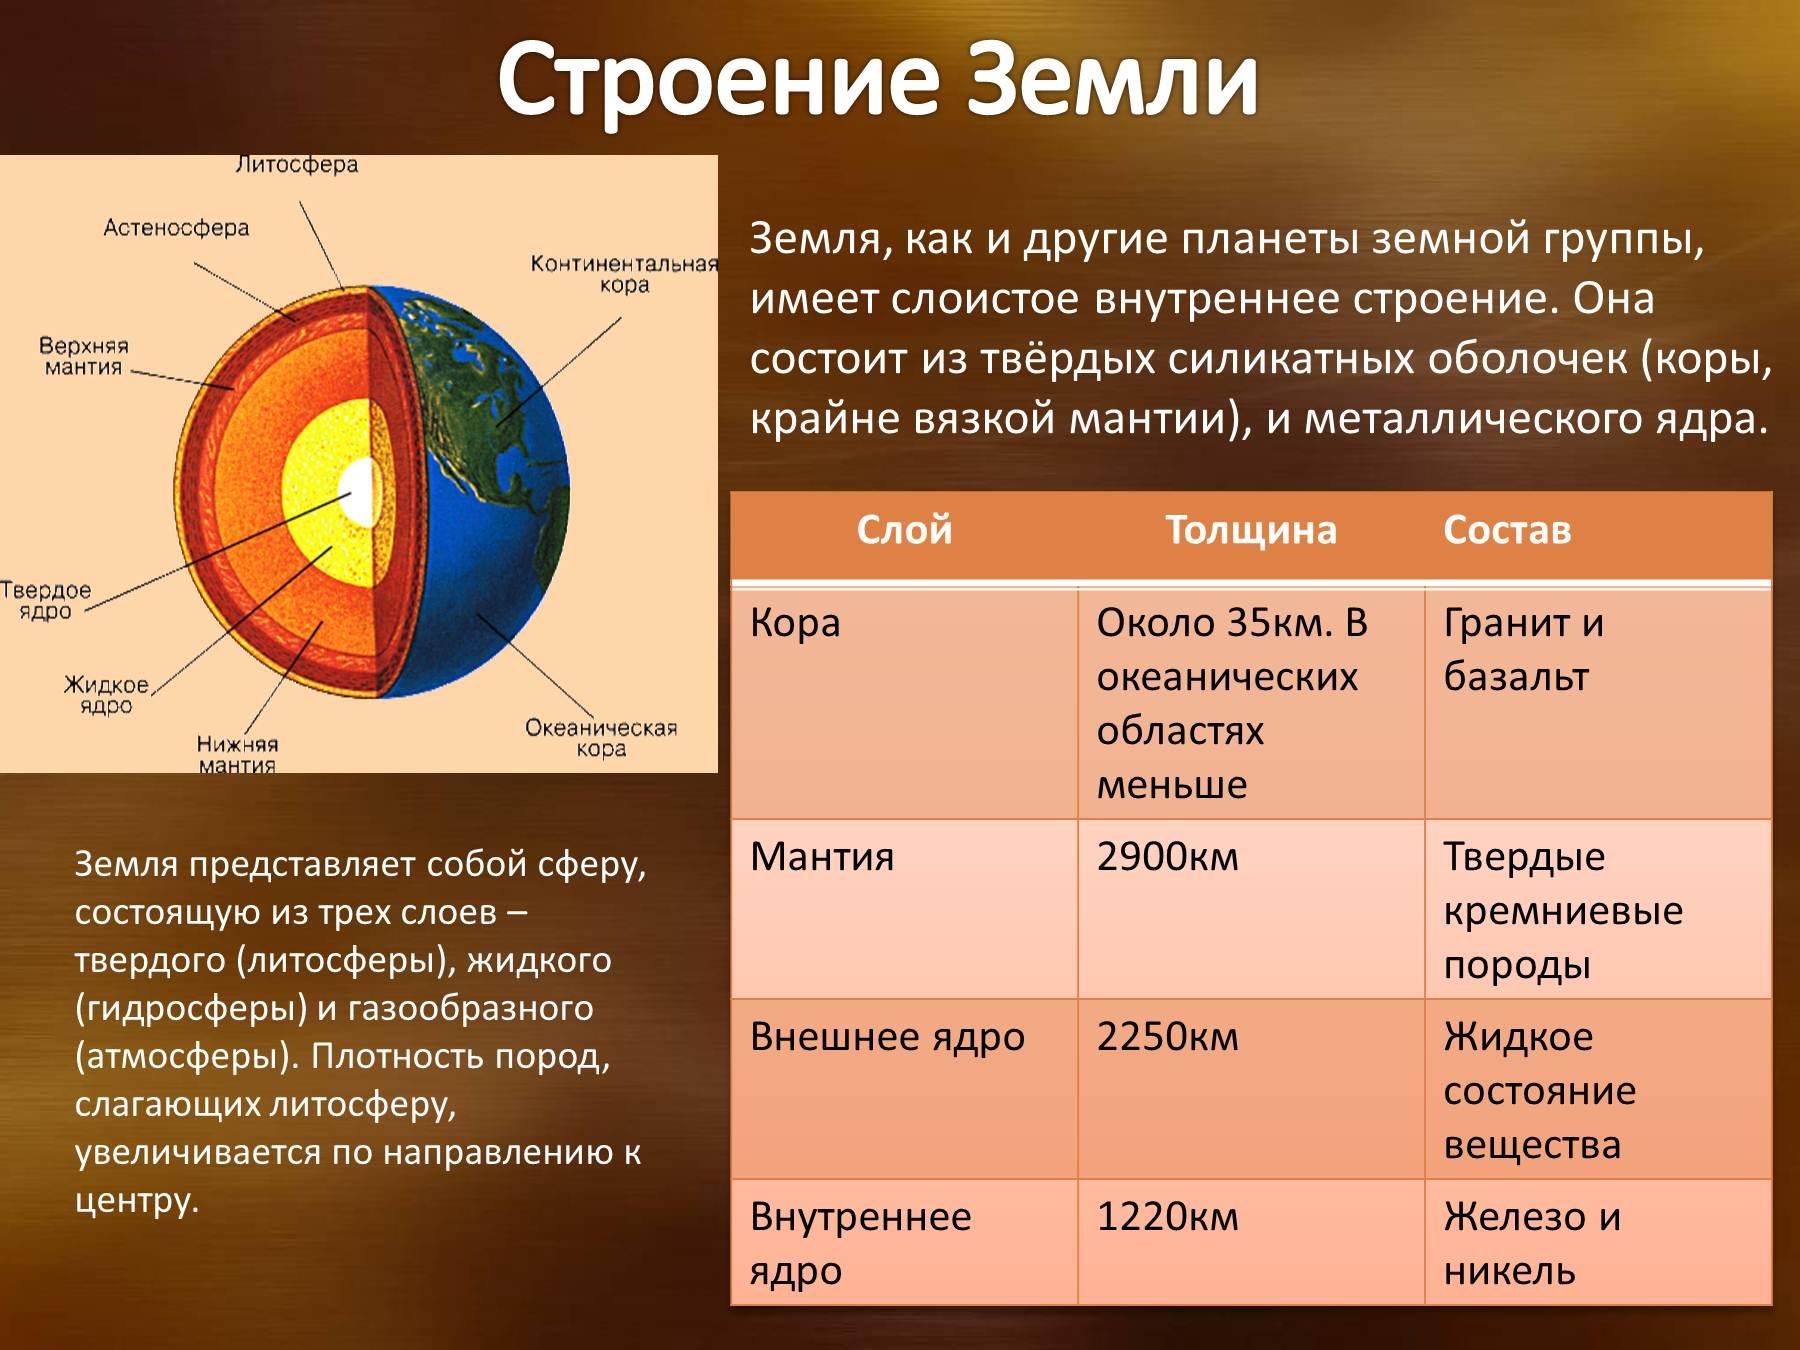 Строение земли картинки 7